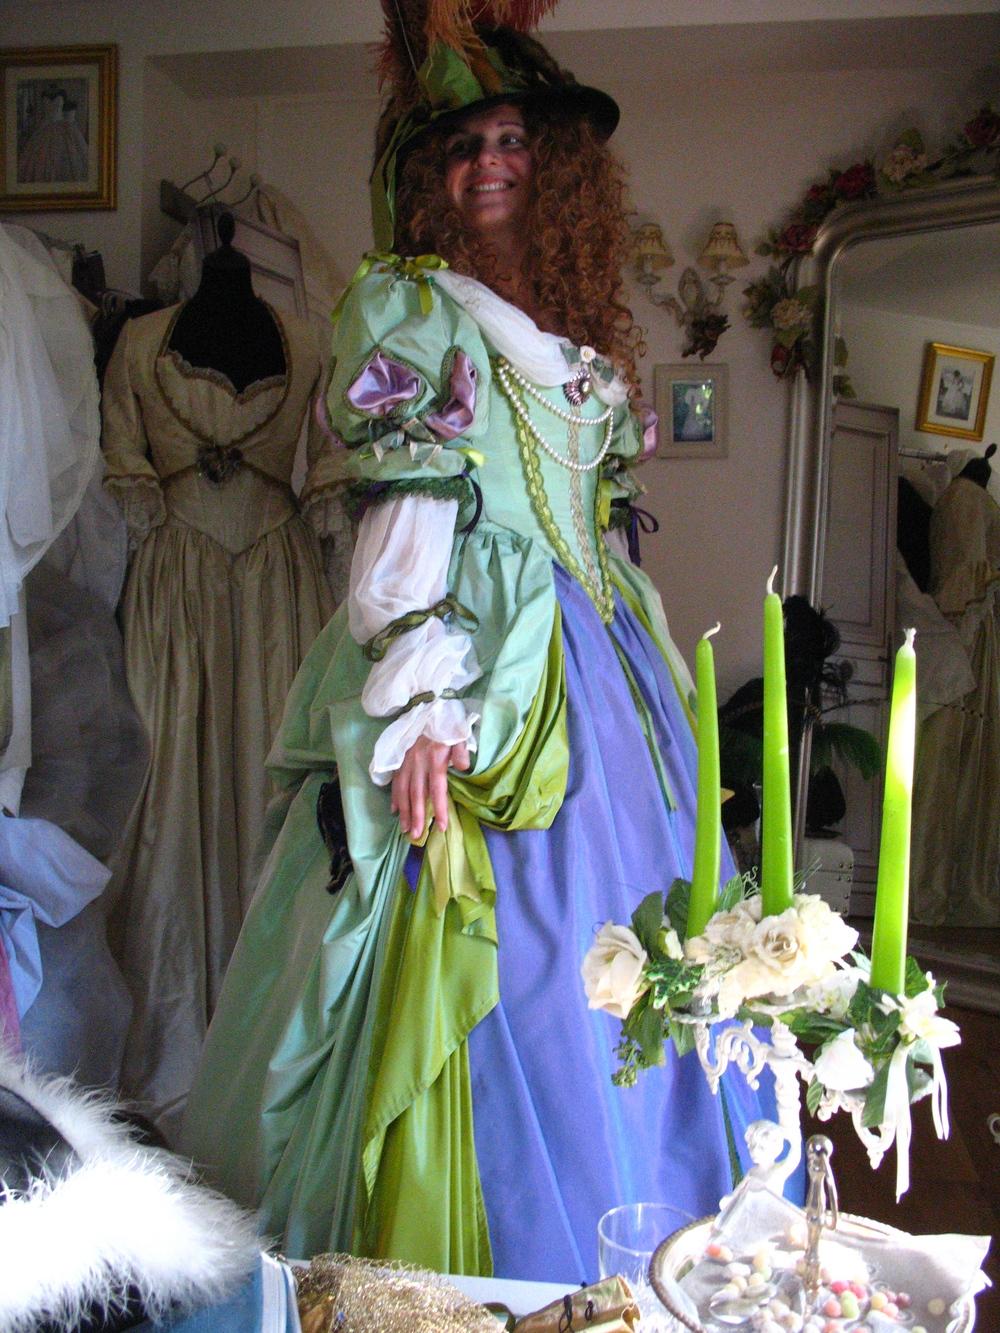 Robe époque Louis XIV en taffetas vert et mauve avec mousseline de soie. Agnès Szabelewski